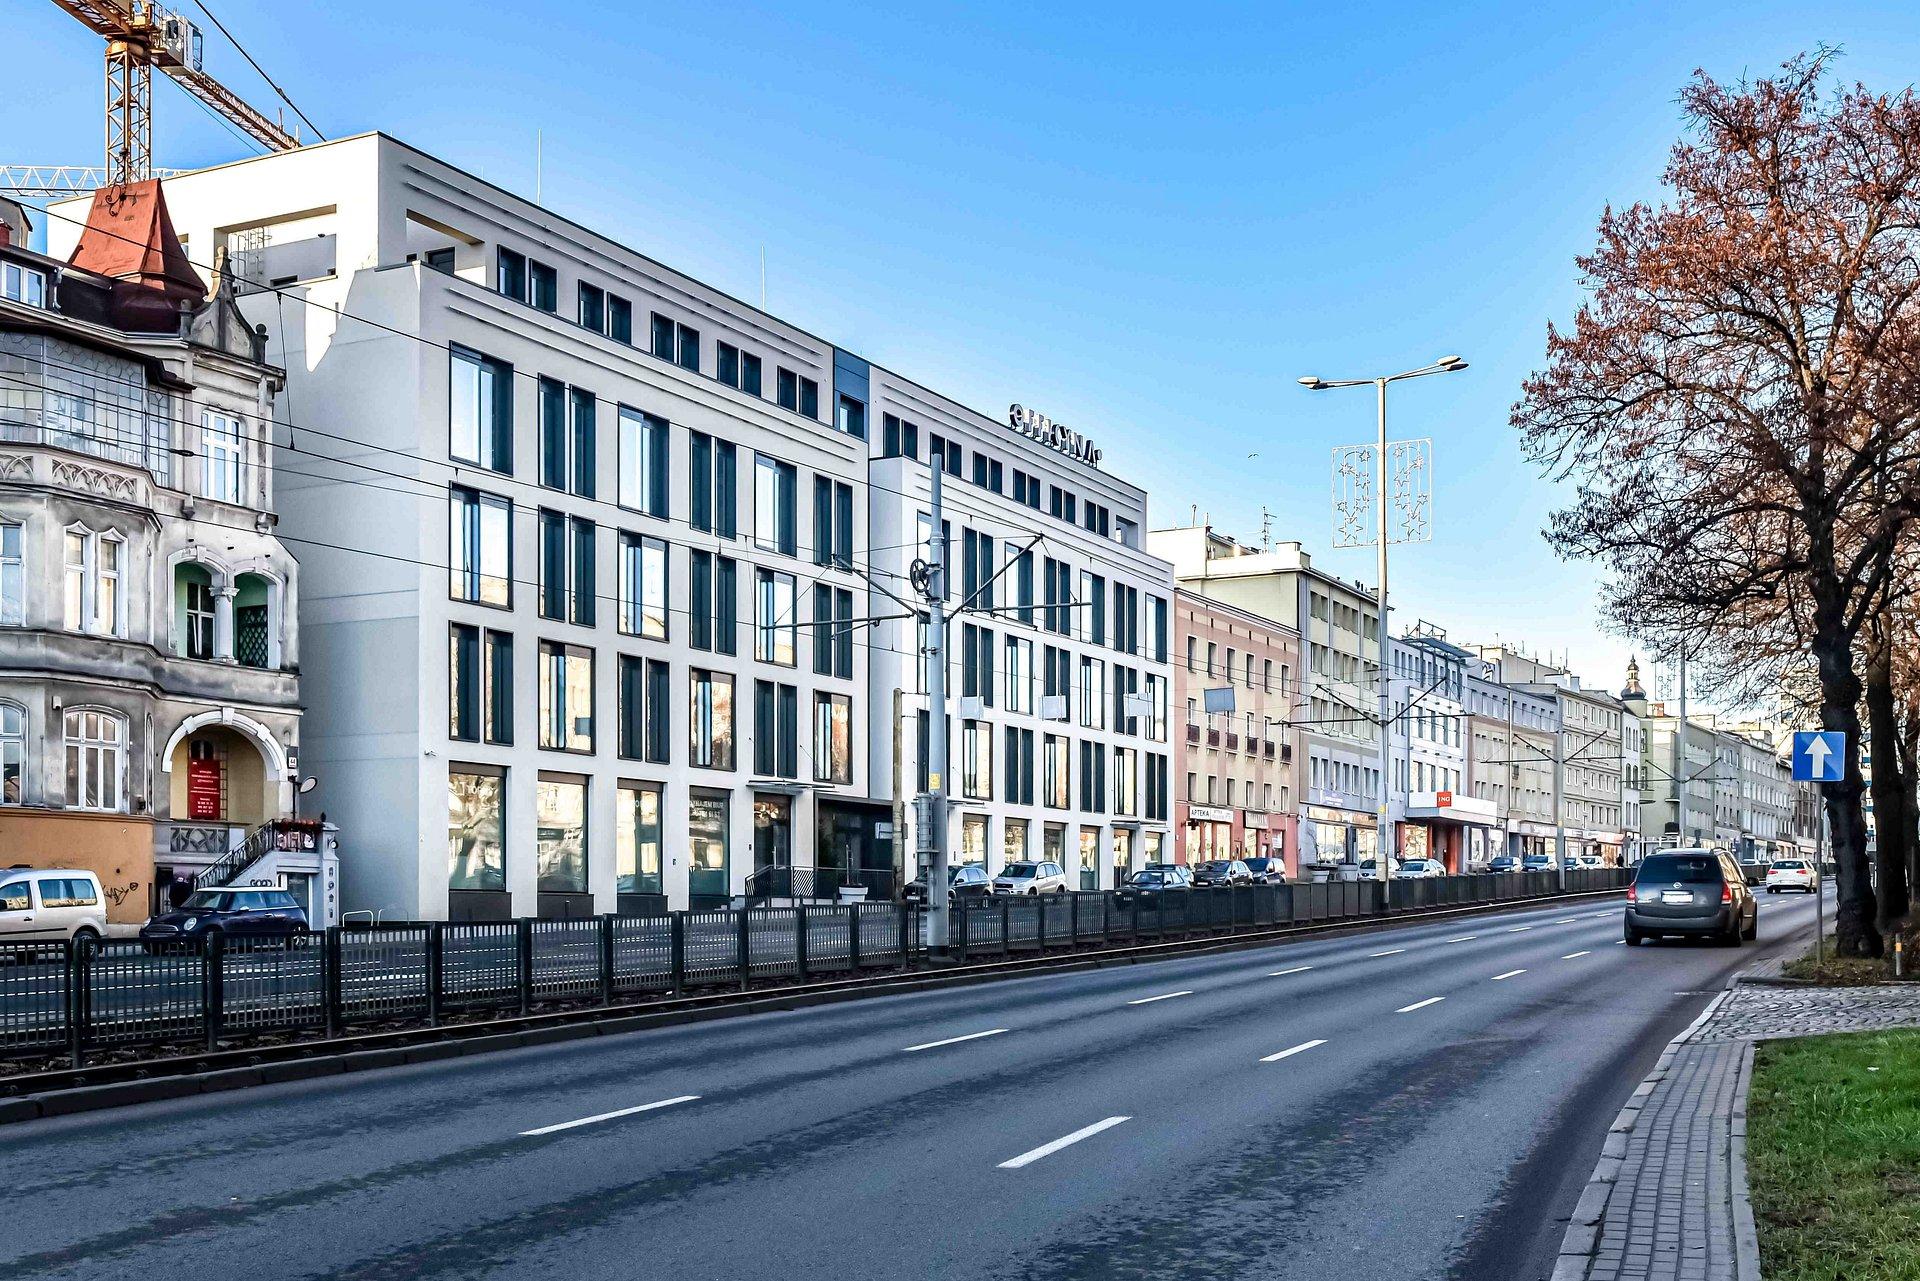 Nationale-Nederlanden z nowym biurem w Gdańsku